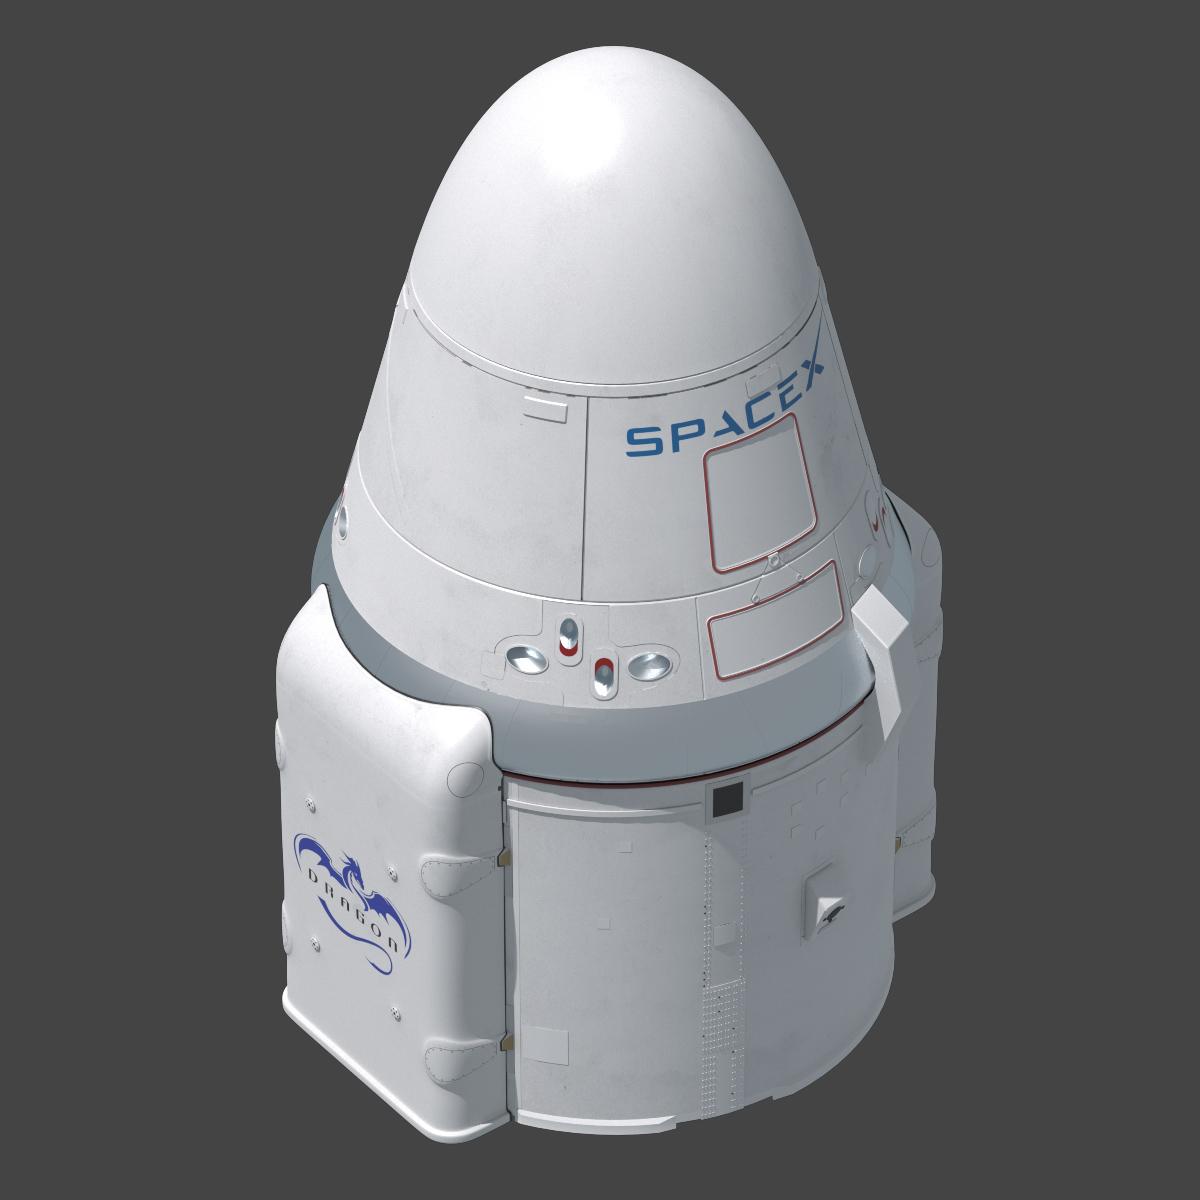 dragon spacecraft models - HD1200×1200